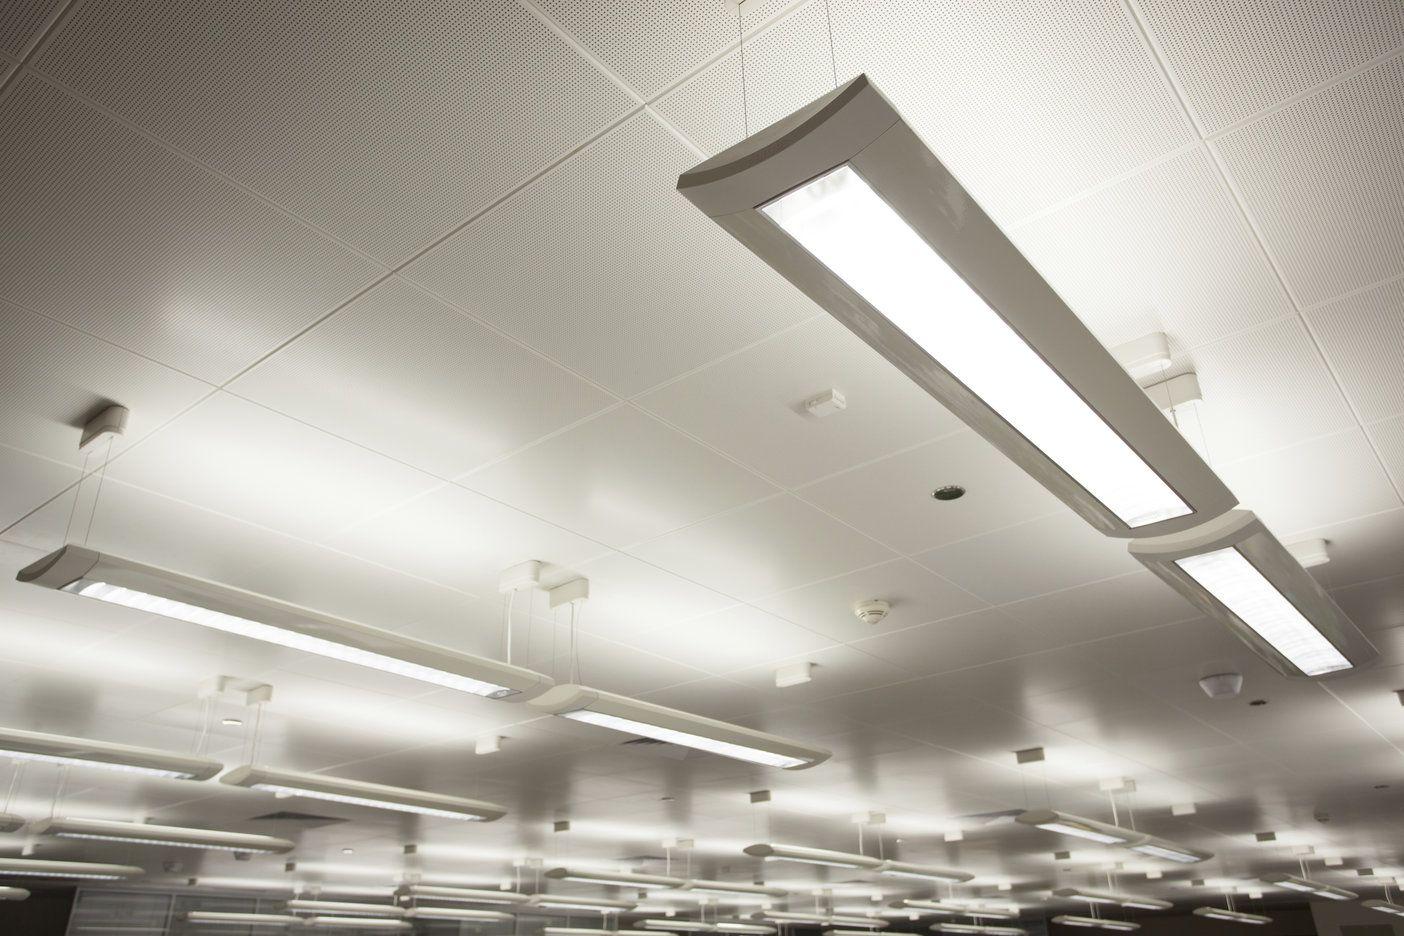 Ideal Fluorescent Light Fixtures   lighting   Pinterest ...